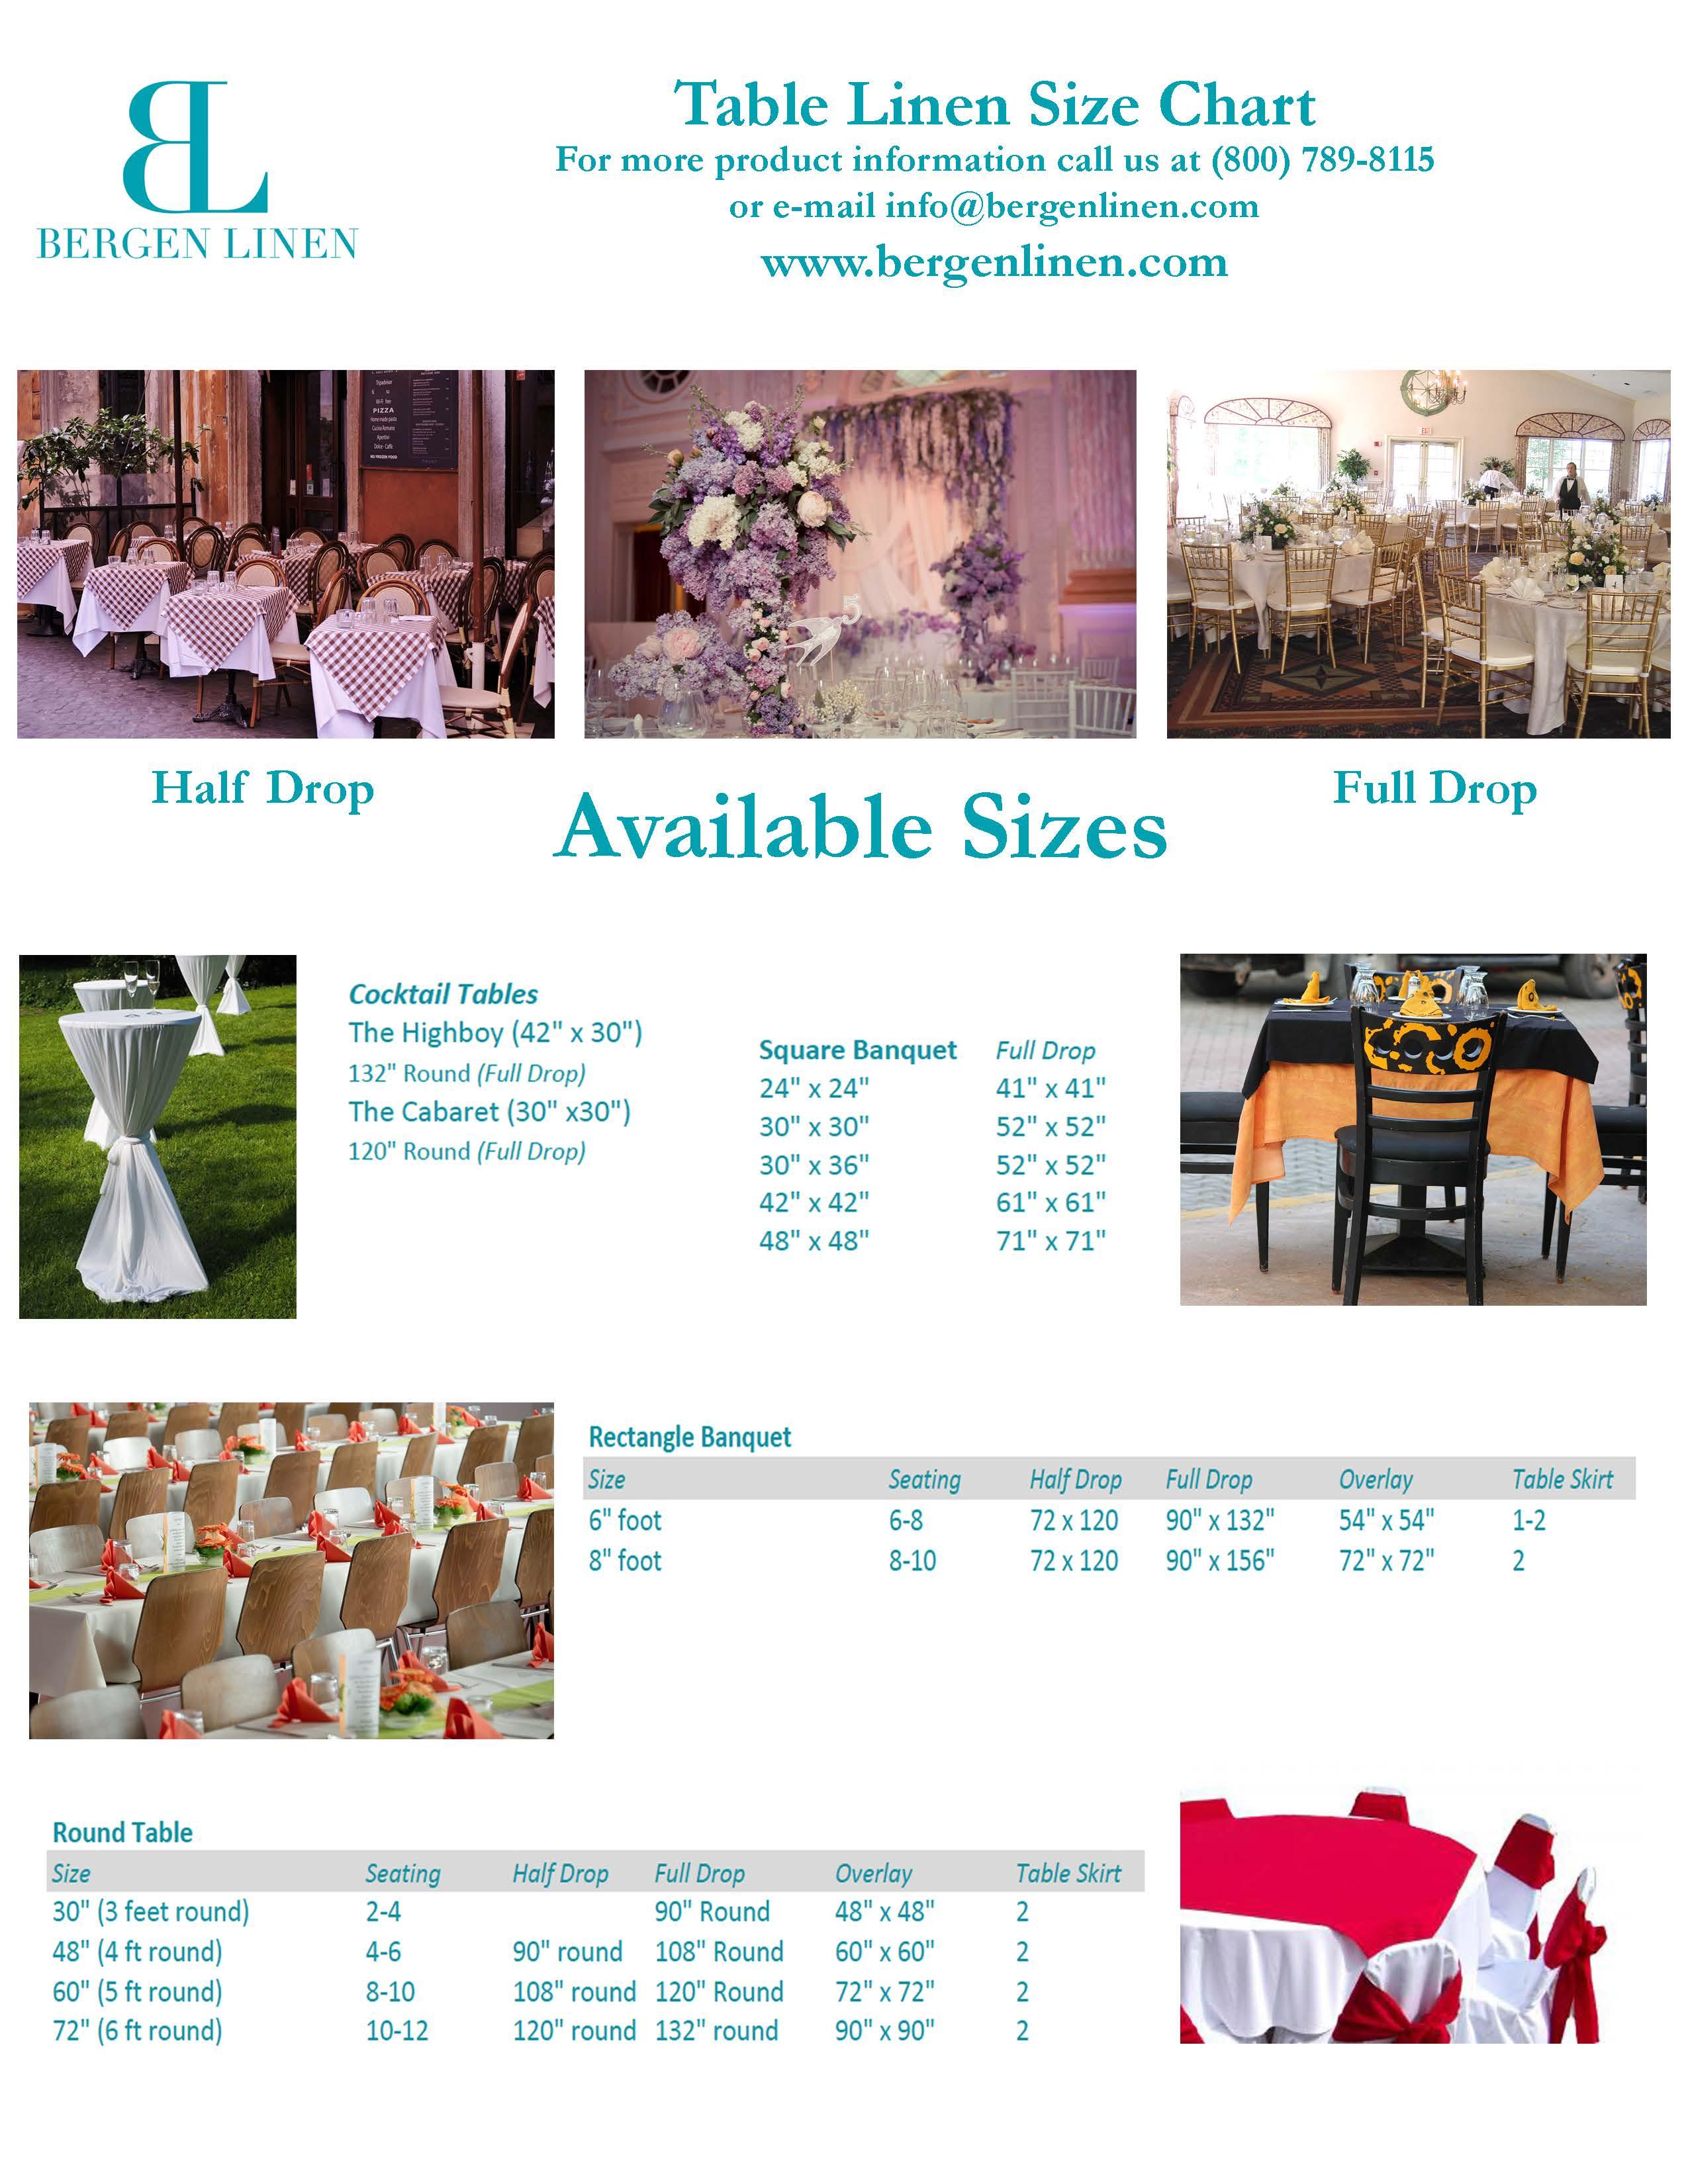 bergen linen table linen rental size guide try it today rh bergenlinen com table linen rentals vaughan table linen rentals online